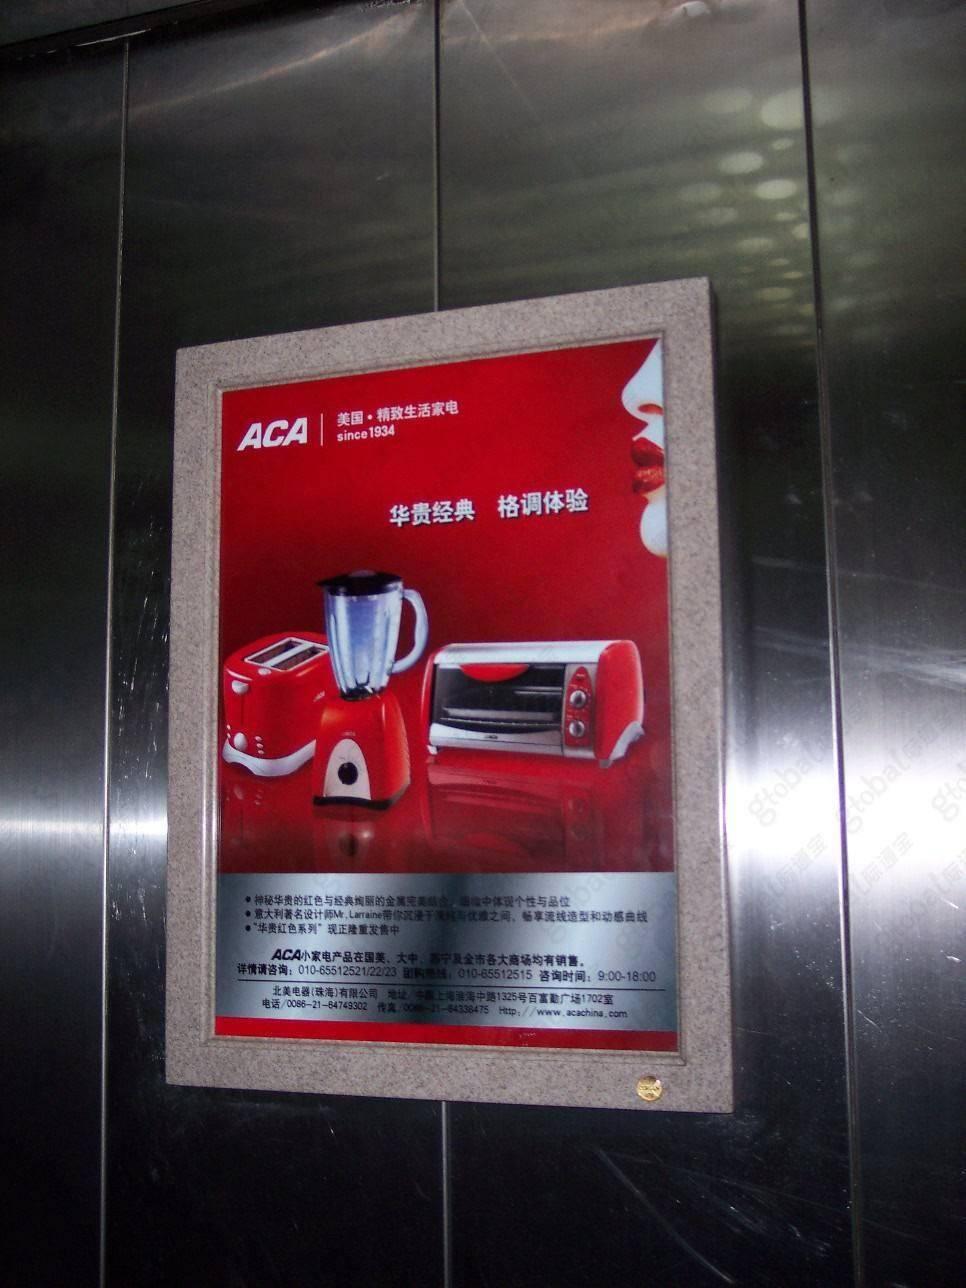 绍兴电梯广告公司广告牌框架3.0投放(100框起投)